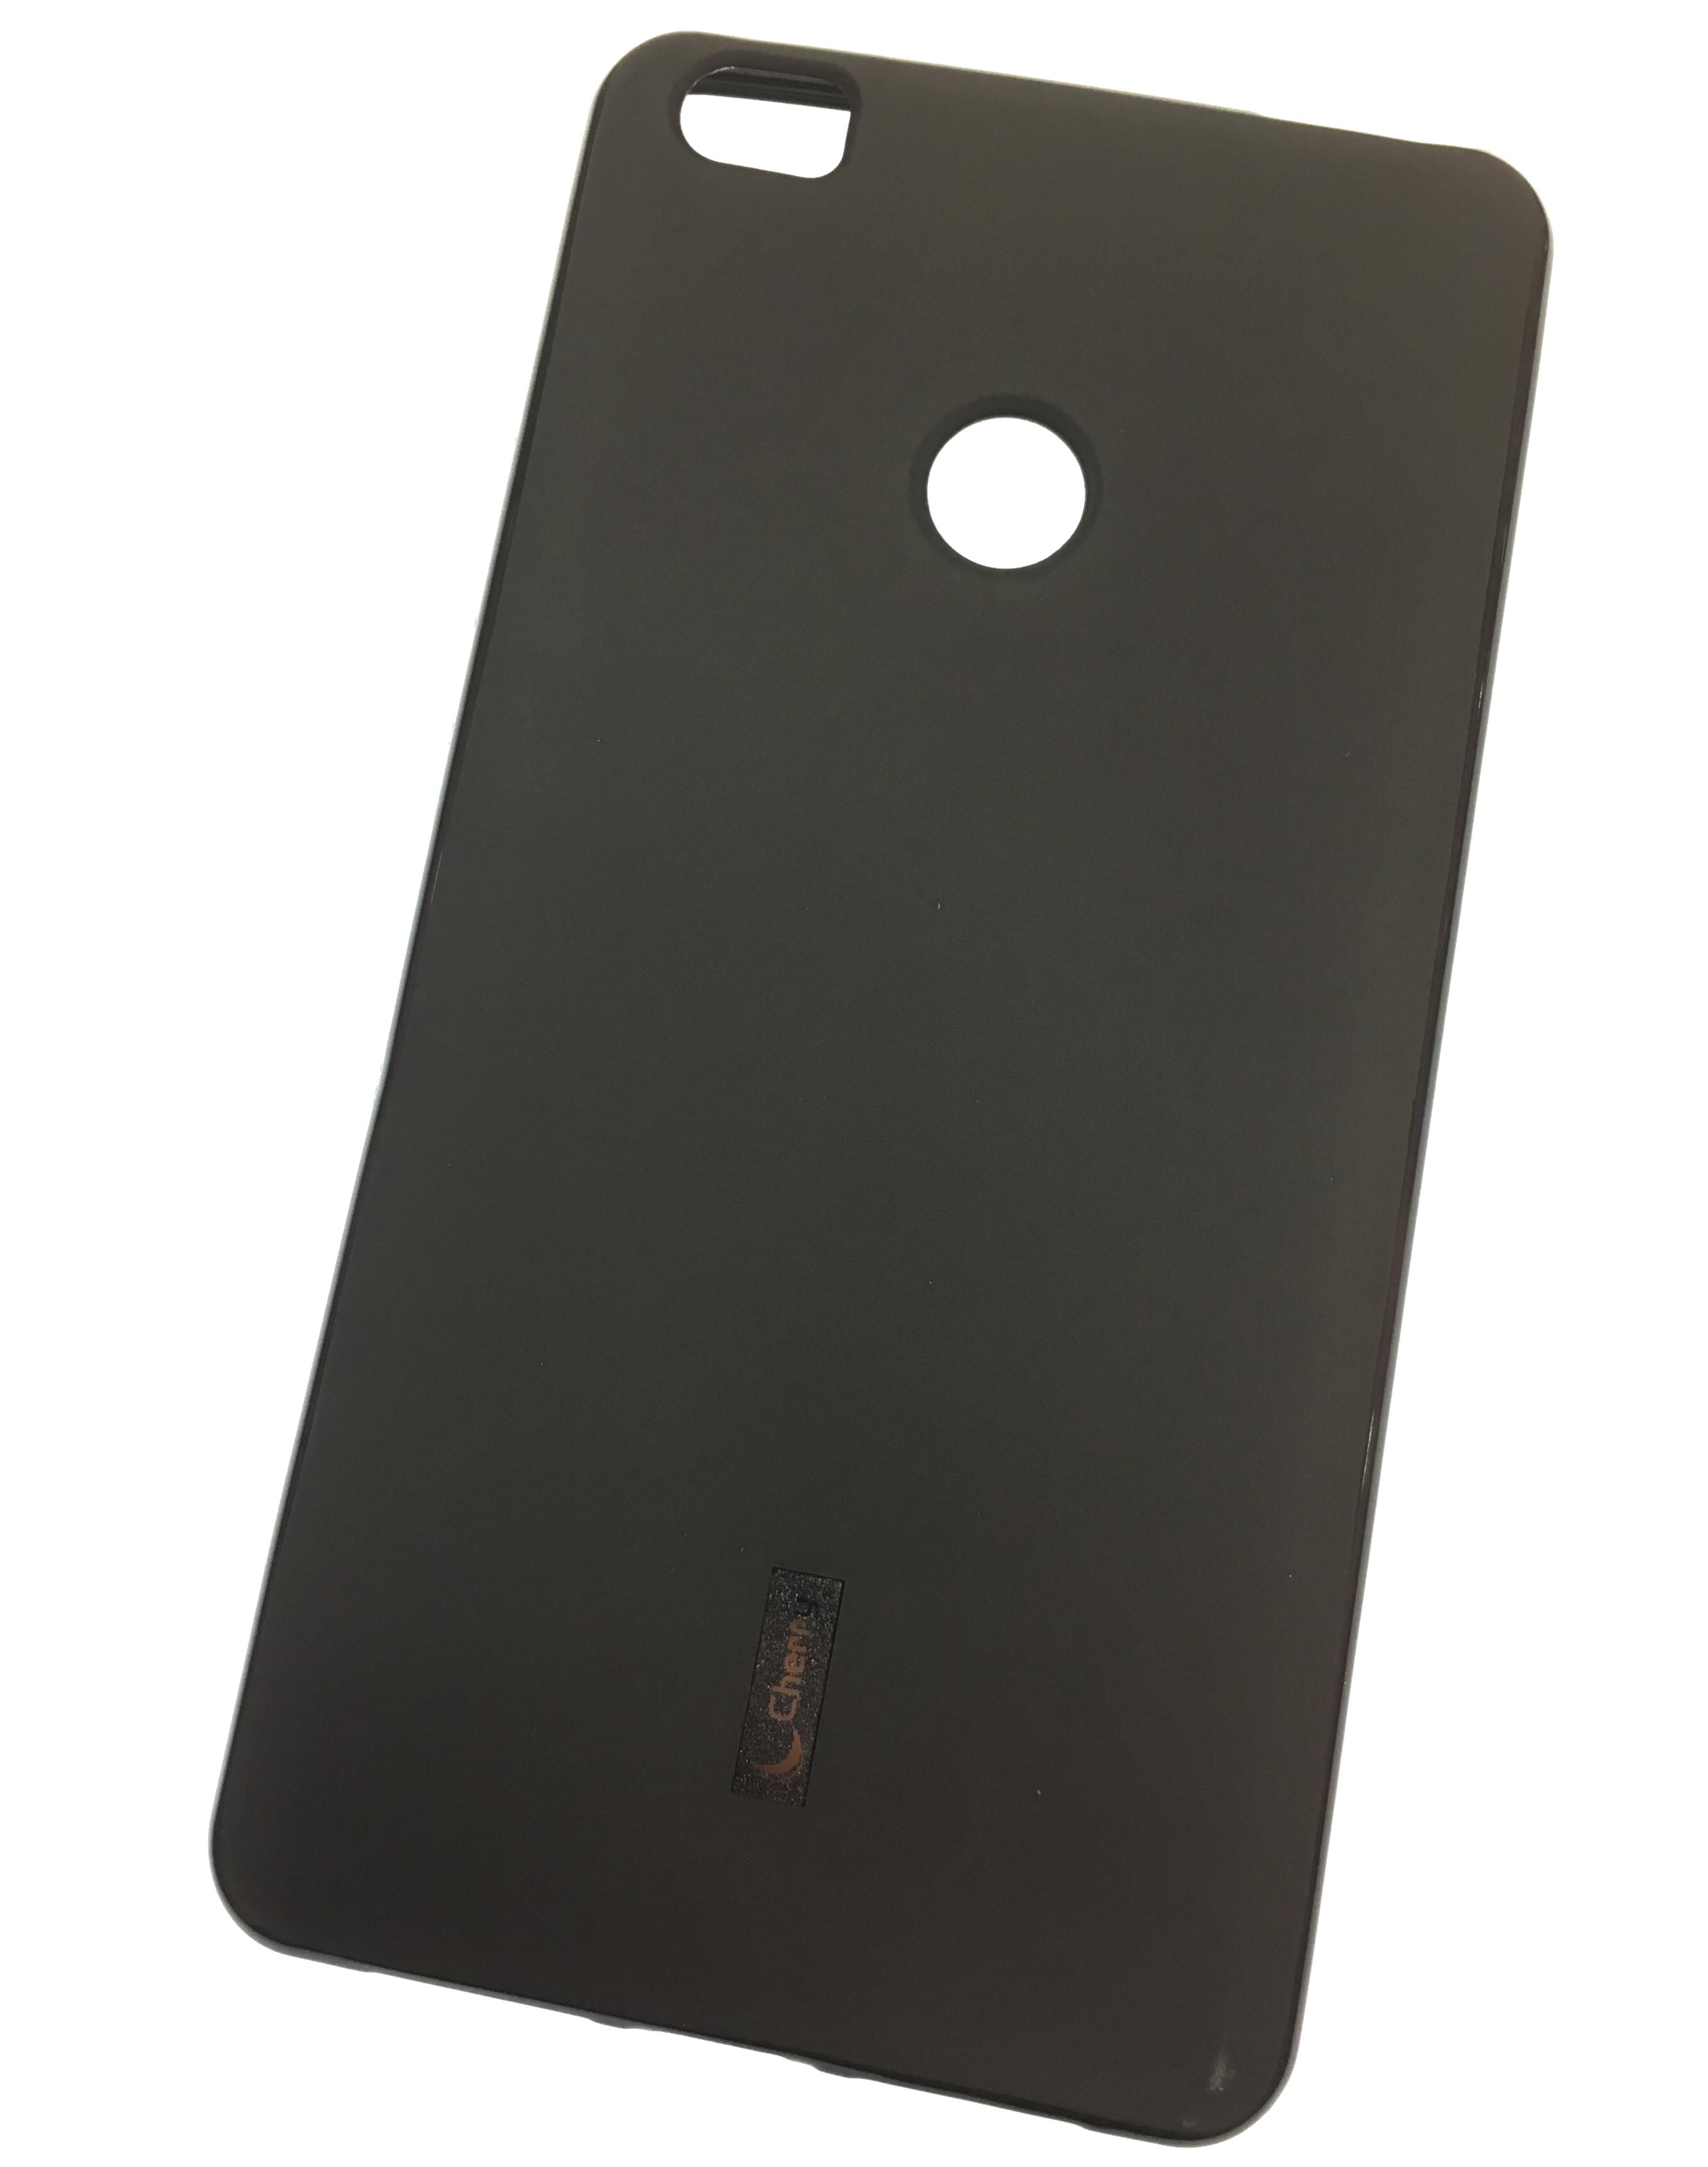 Чехол для сотового телефона Cherry Xiaomi Mi Max Накладка резиновая с пленкой в комплекте, черный